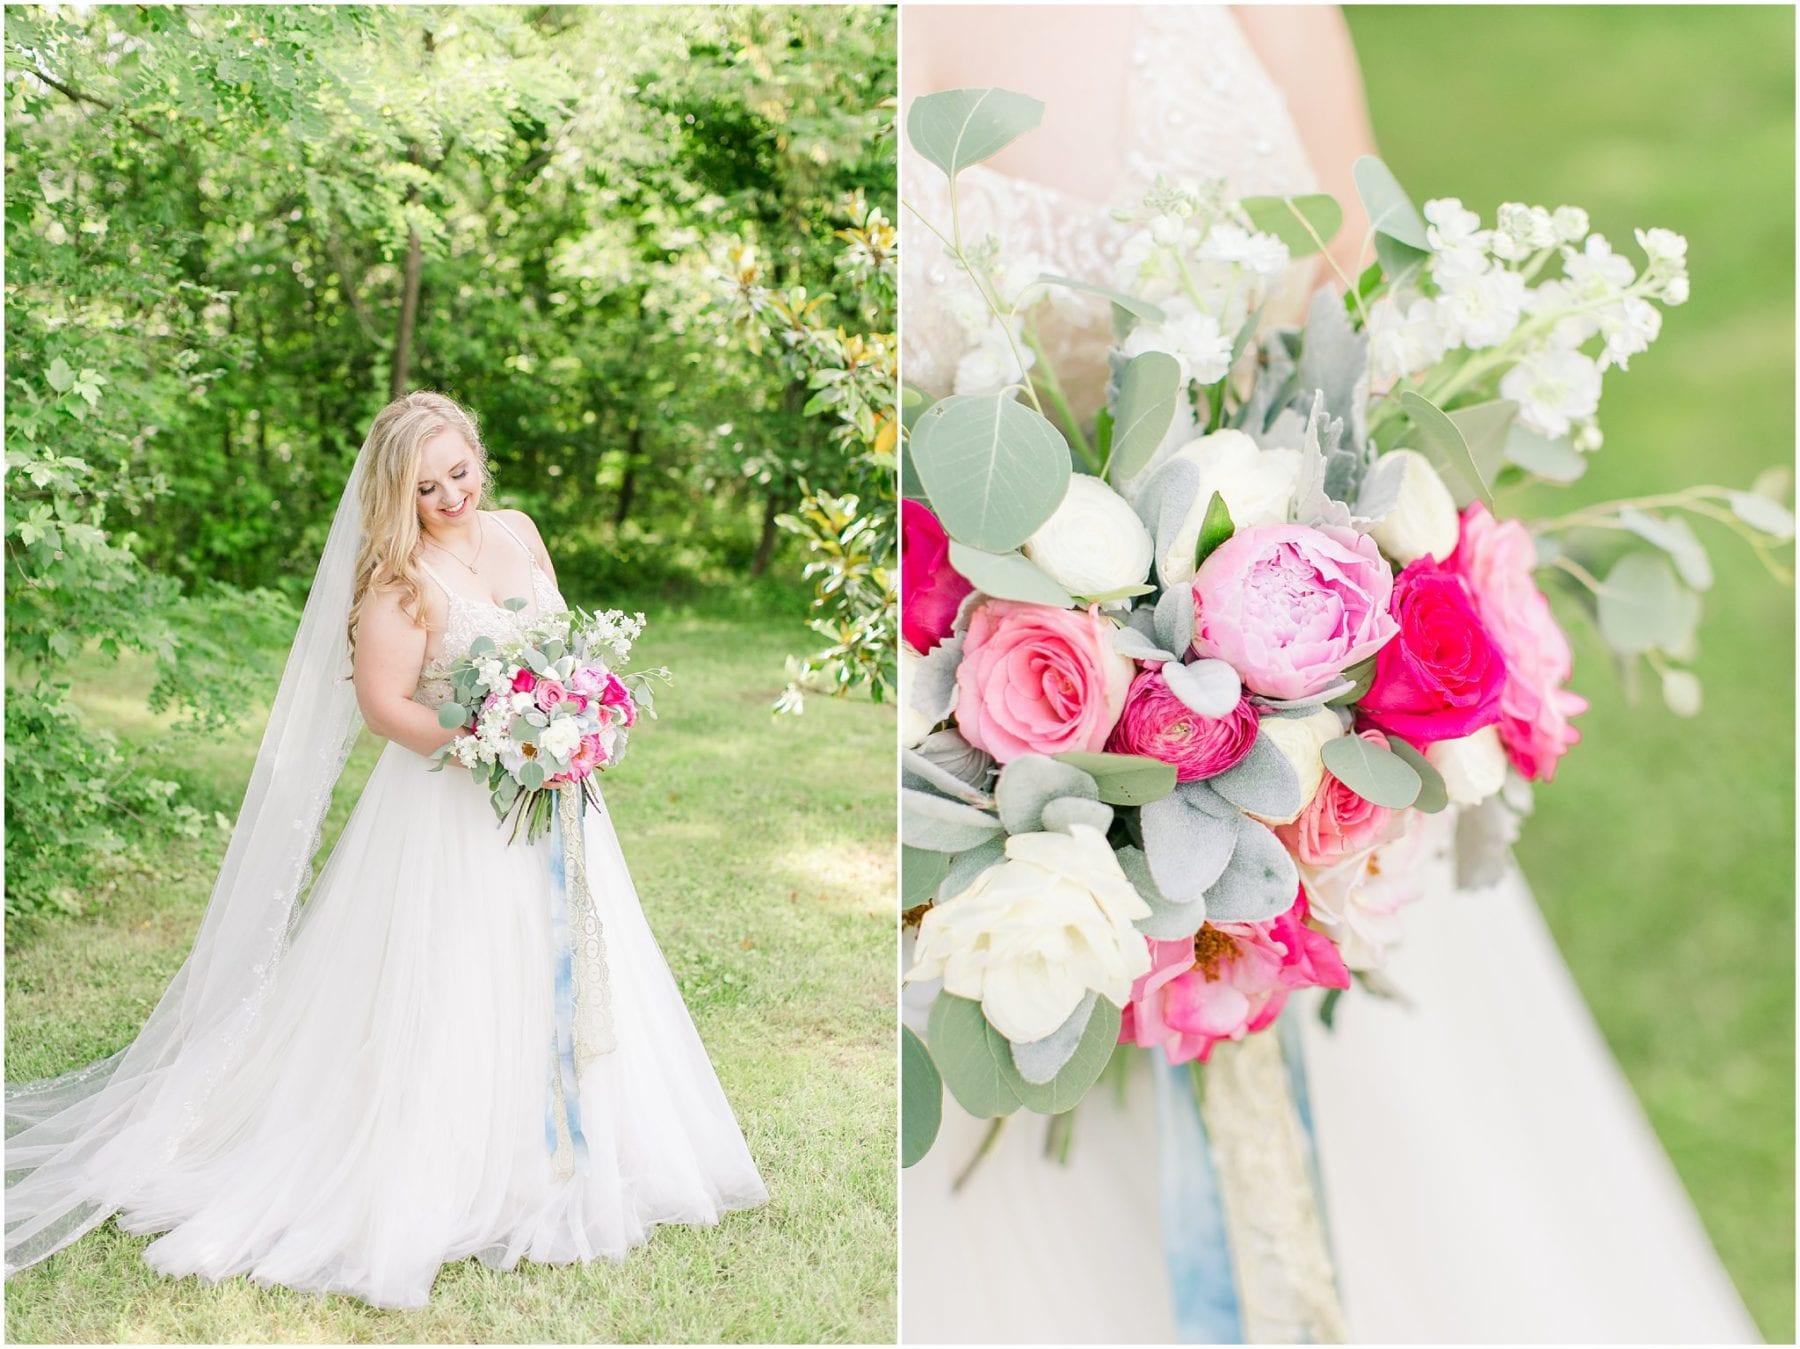 Maryland Backyard Wedding Photos Kelly & Zach Megan Kelsey Photography-129.jpg